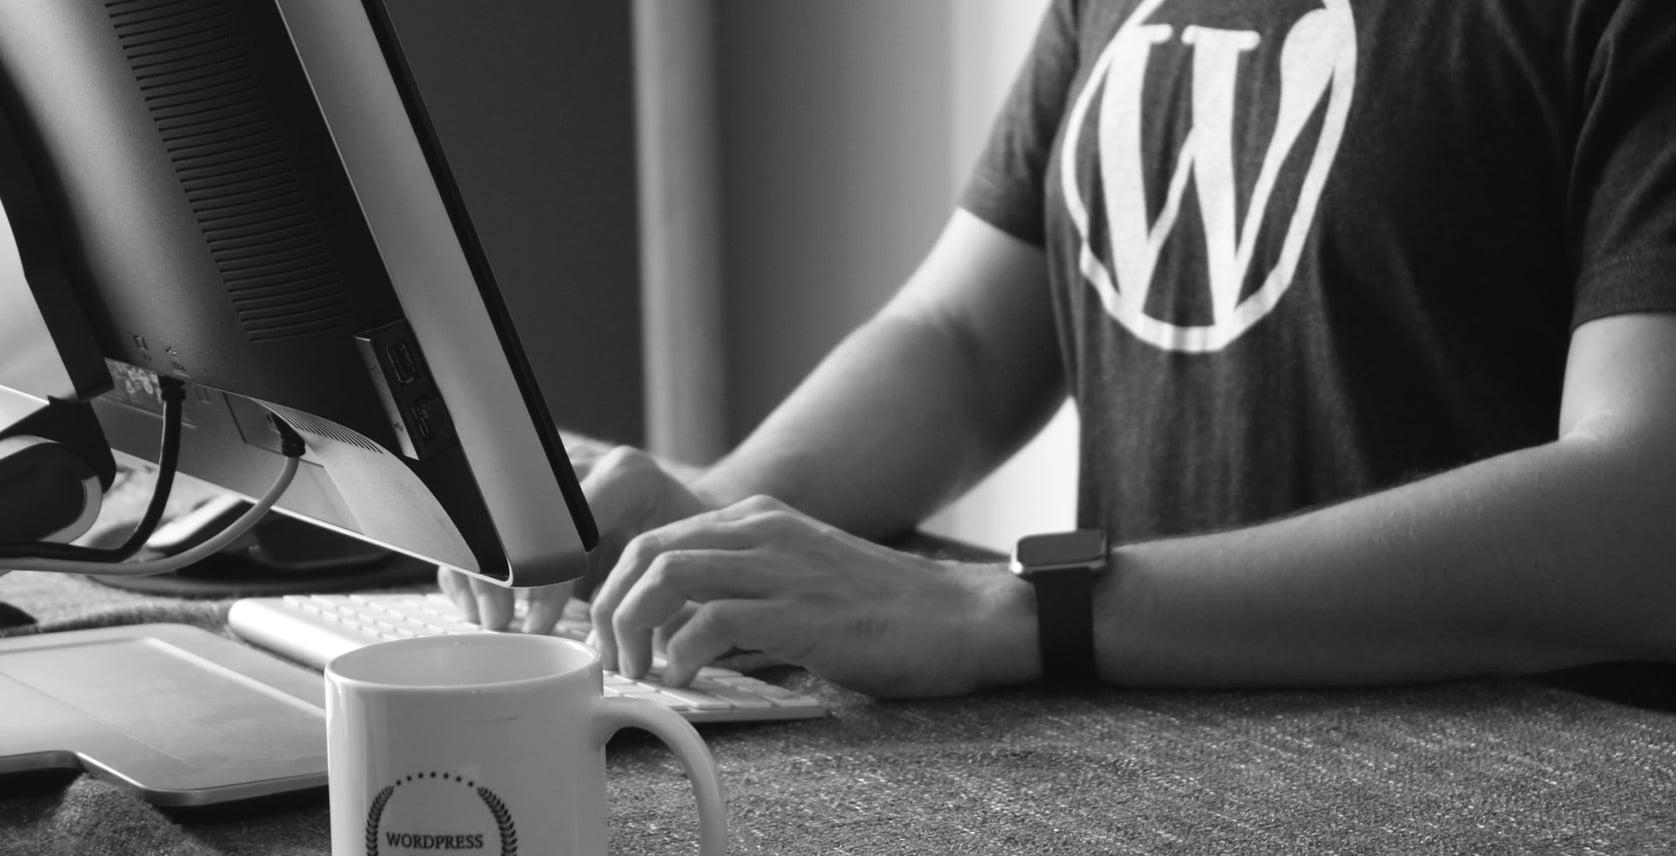 Okładka pod artykuł - Darmowa strona internetowa bez kodowania w 2020? Wciąż WordPress